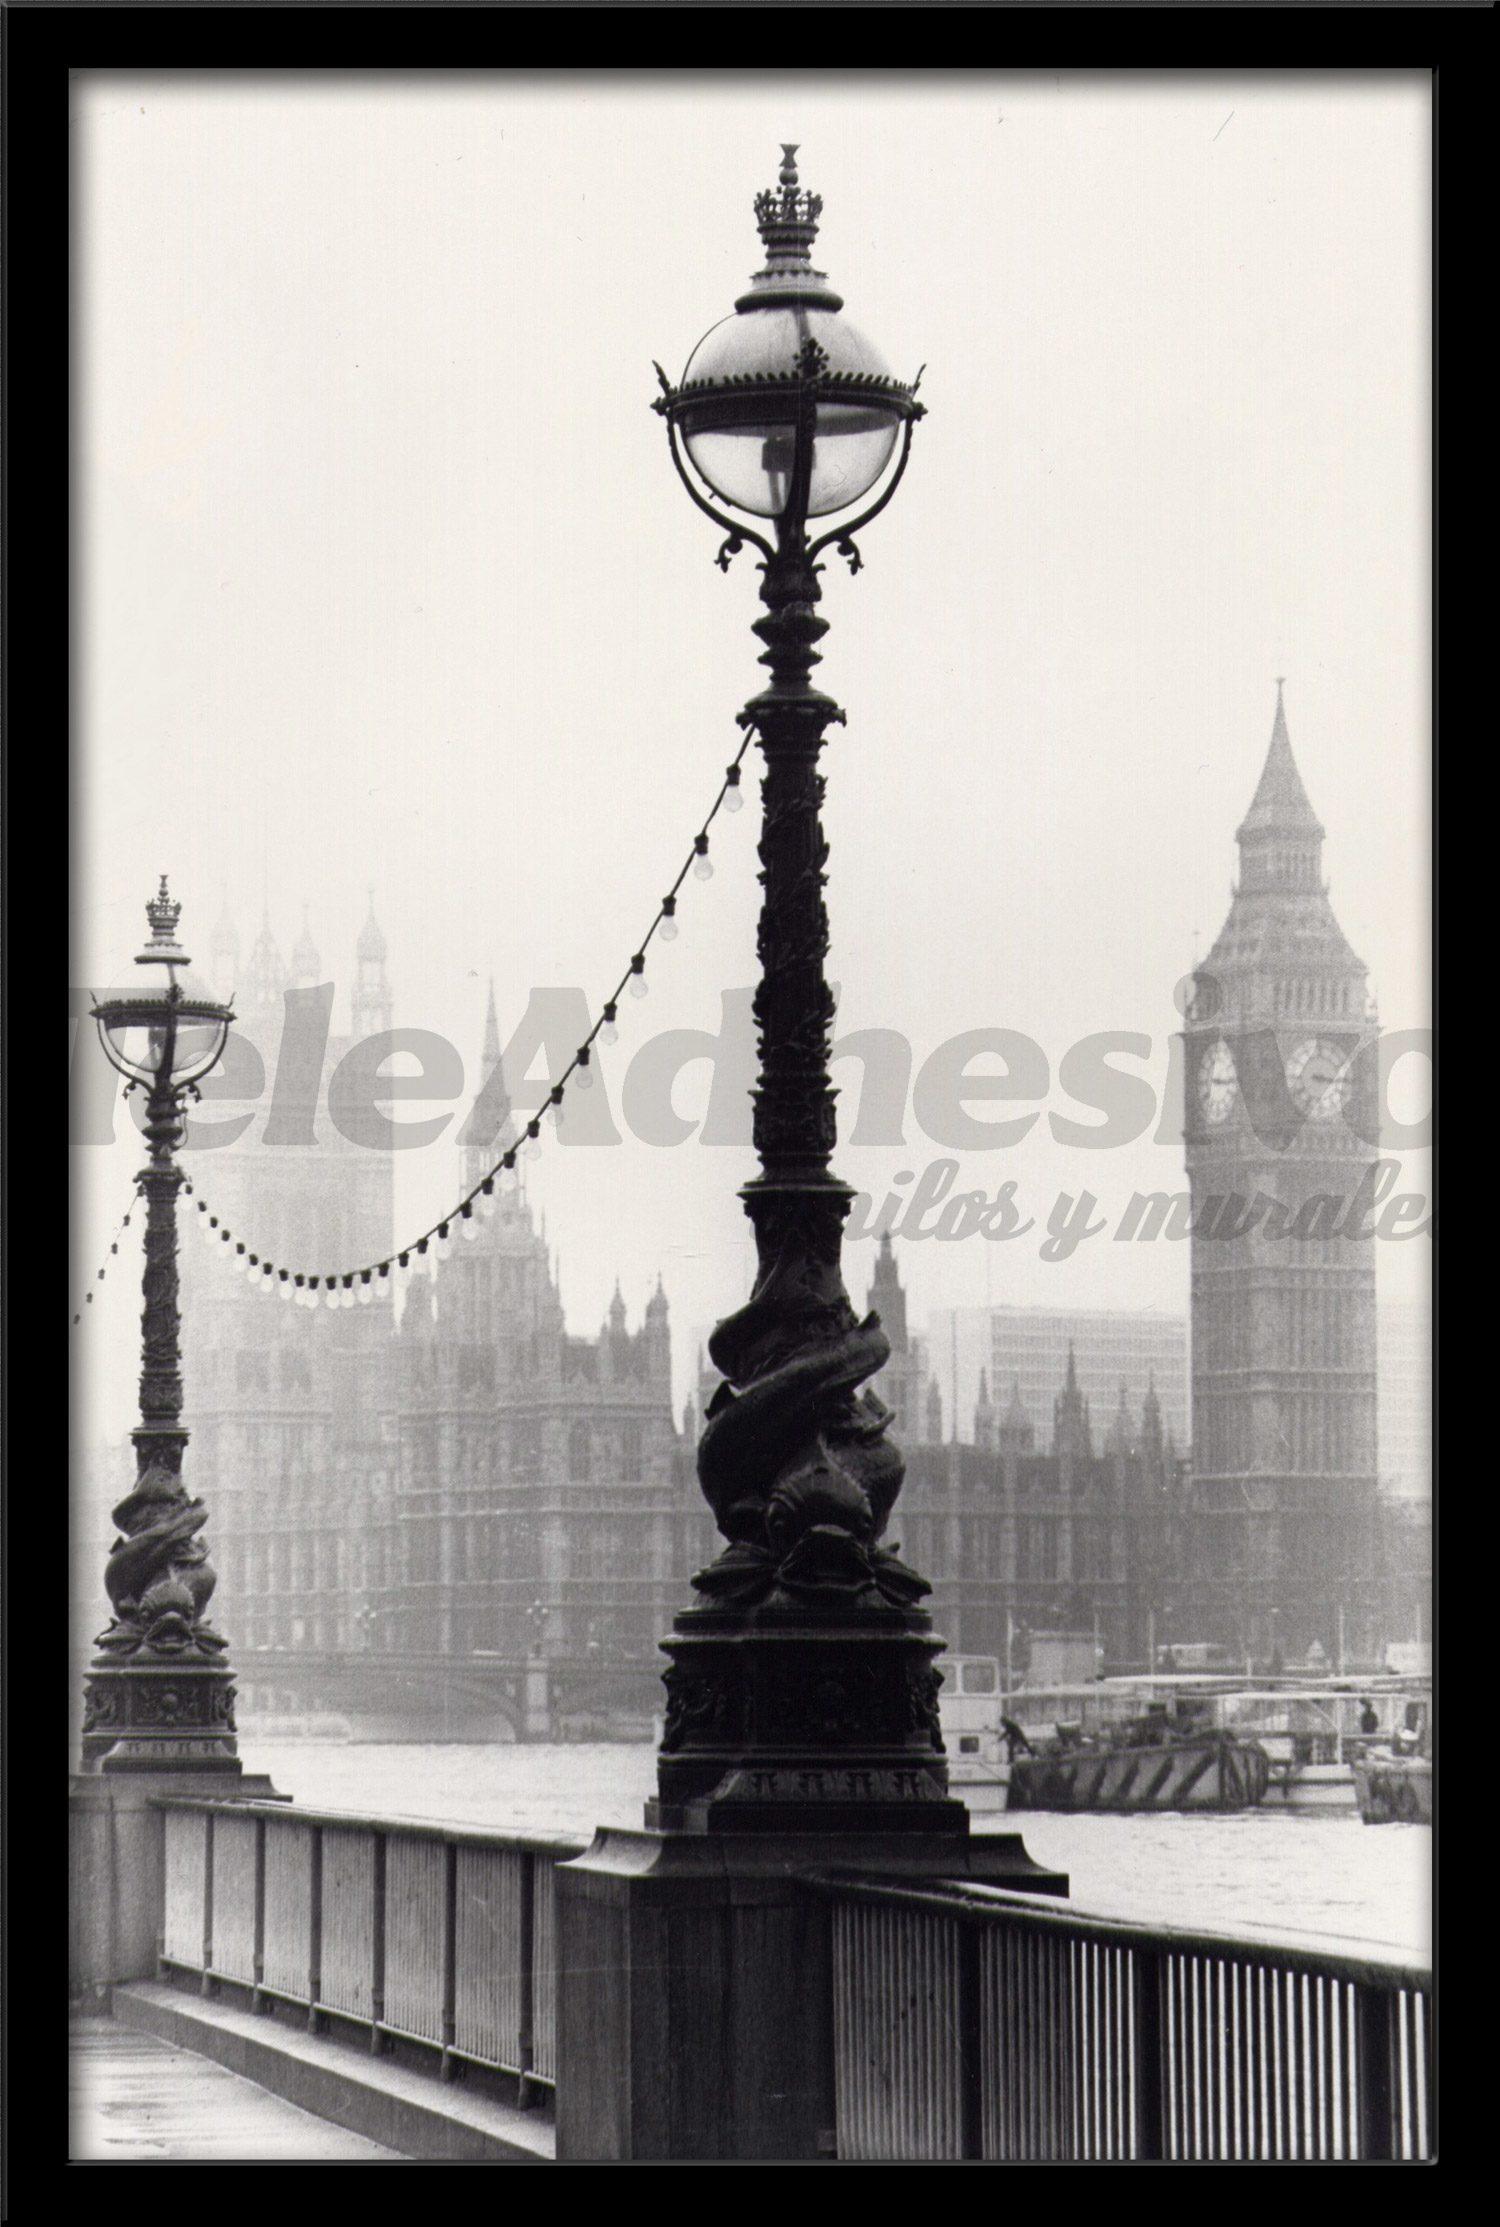 Wandtattoos: Die London Fog